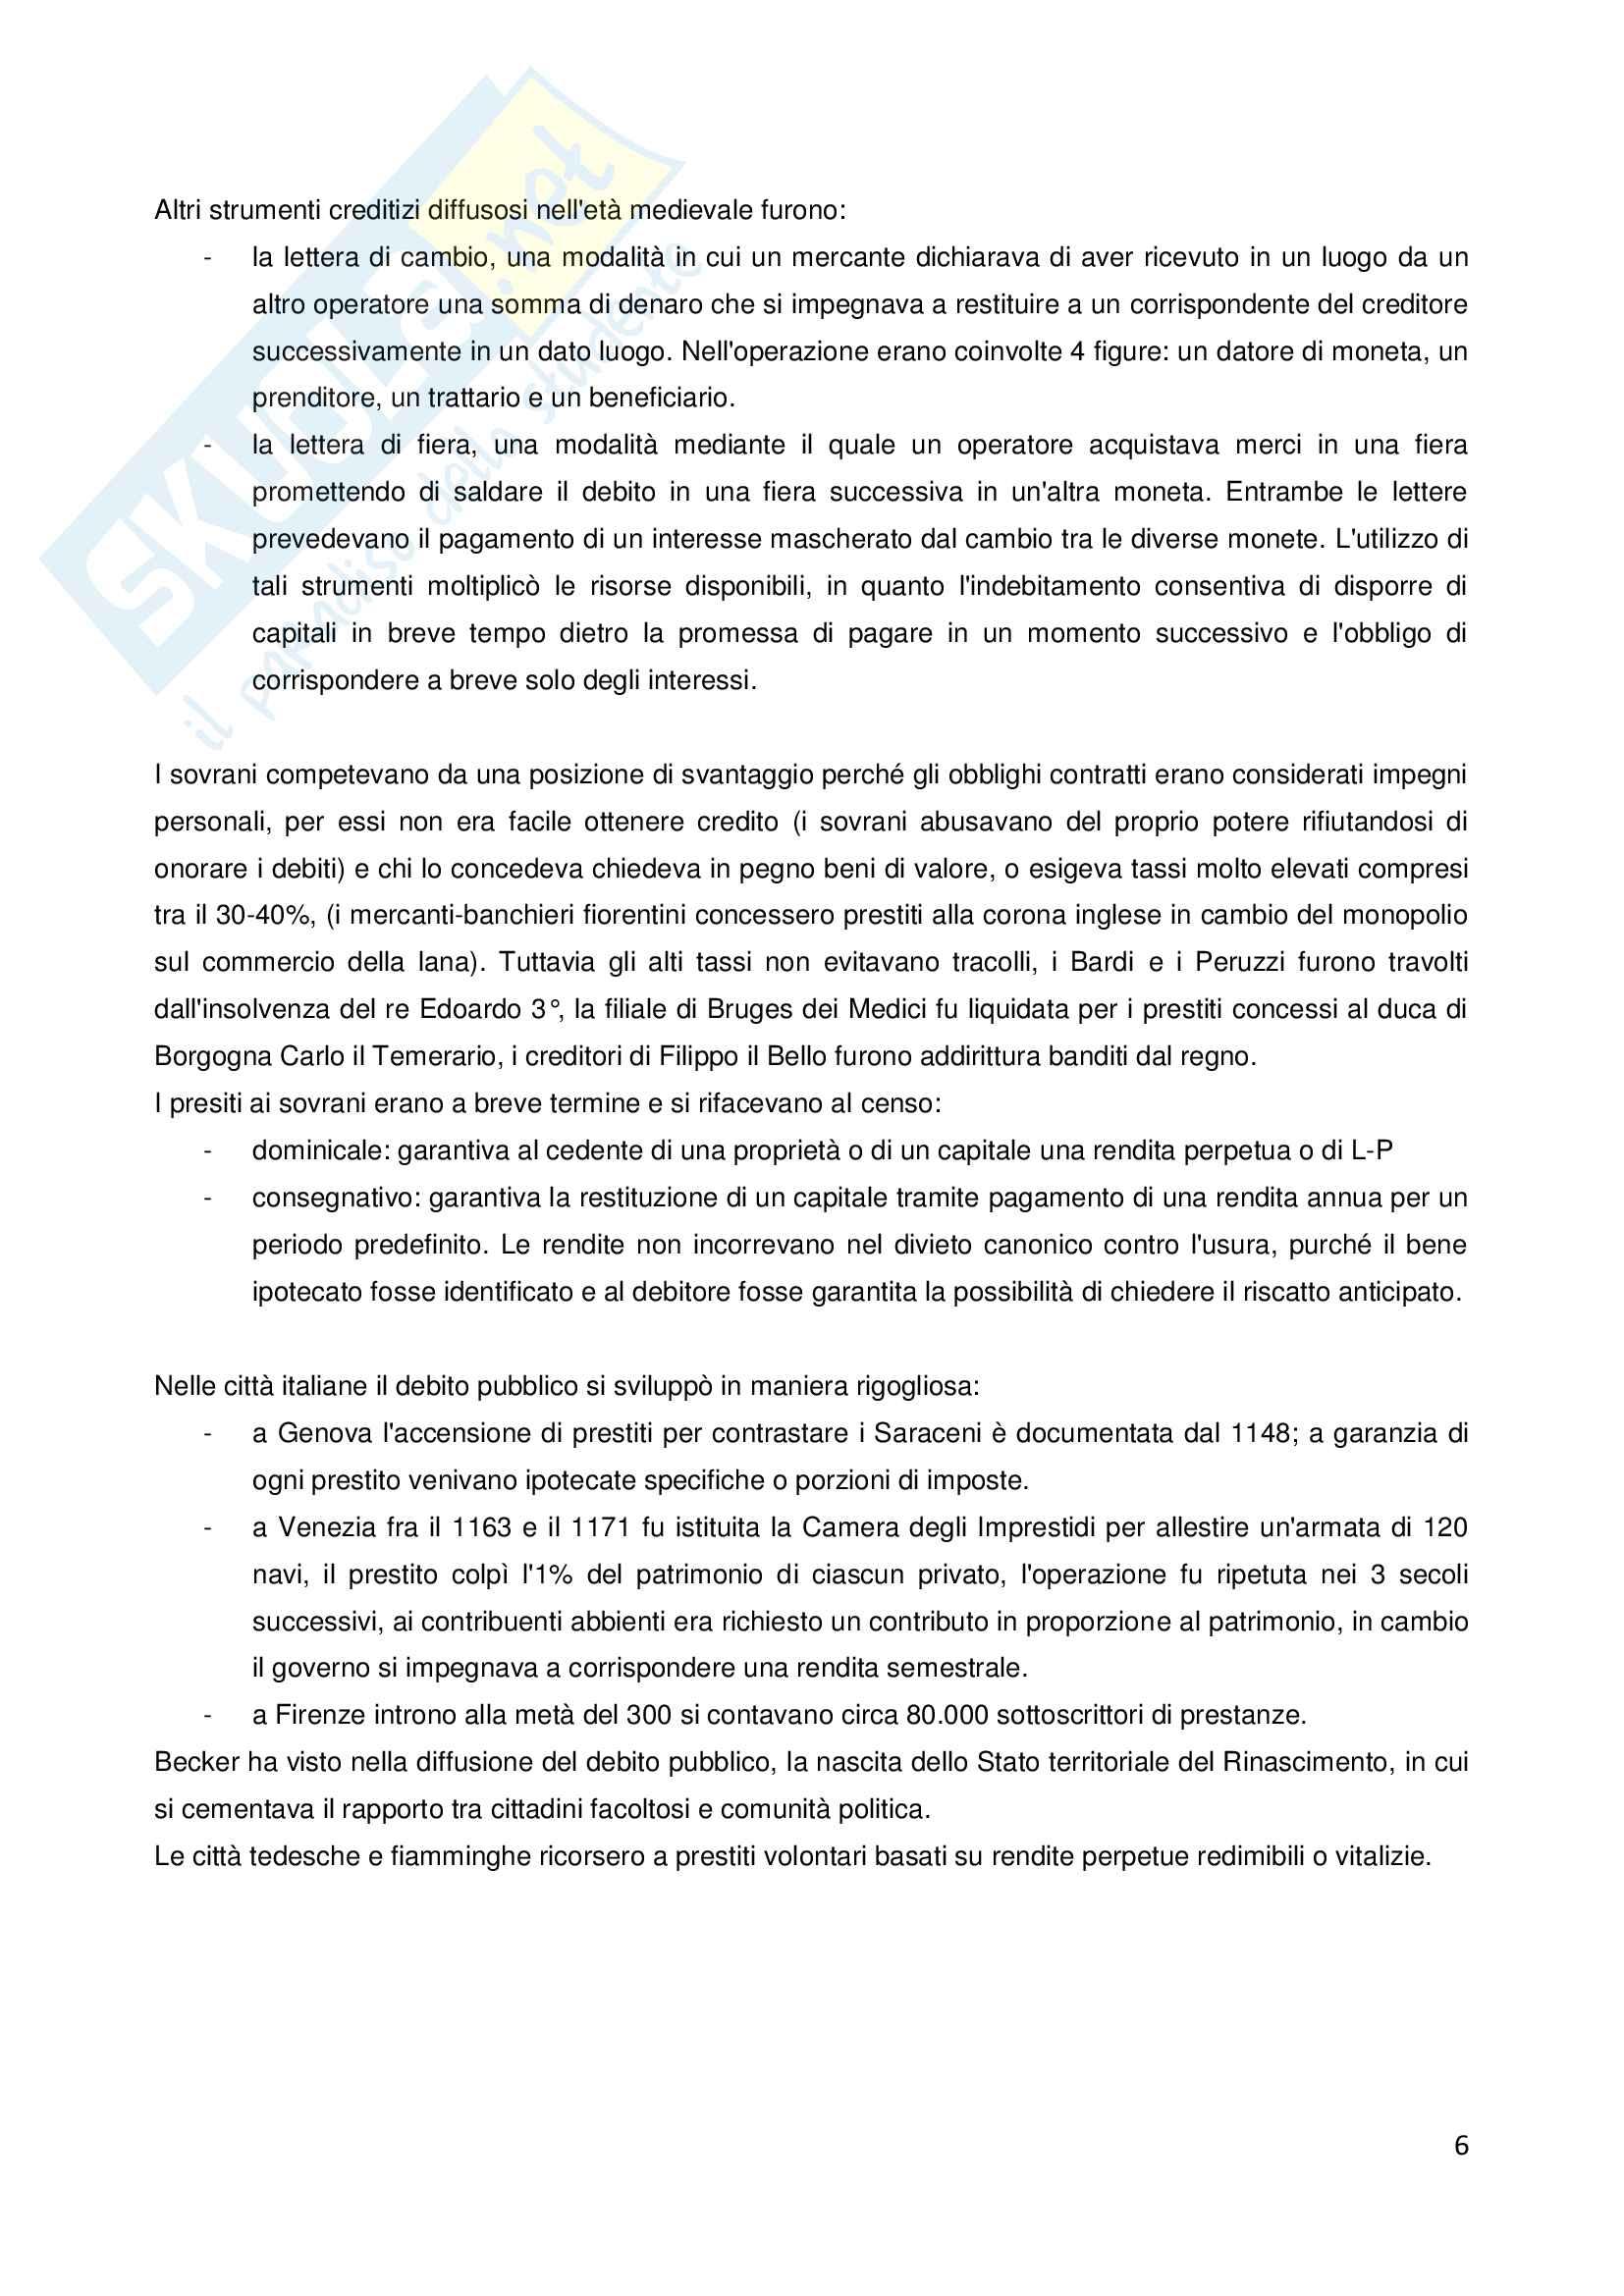 Storia della finanza pubblica Pag. 6